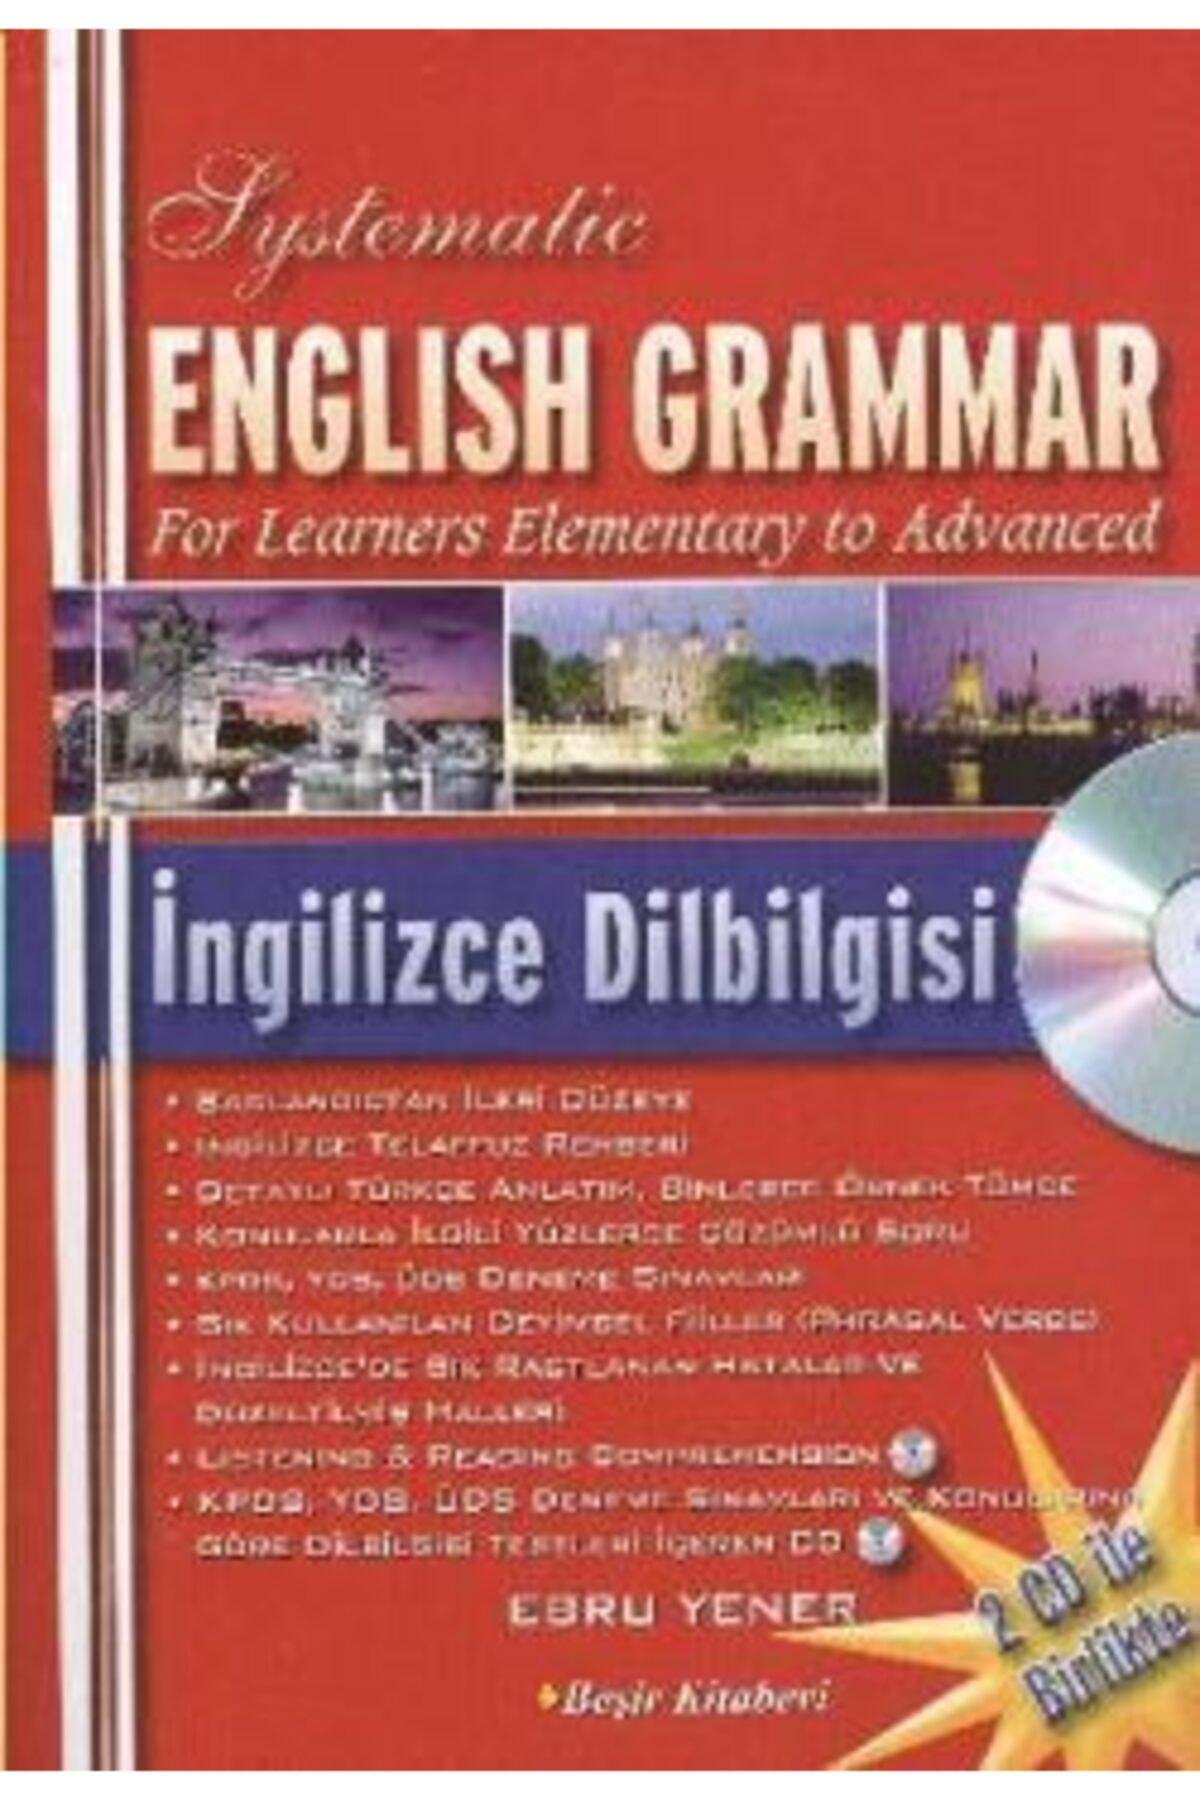 Beşir Kitabevi Systematic English Grammar - Ingilizce Dilbilgisi (cd'li) /ebru Yener / 1